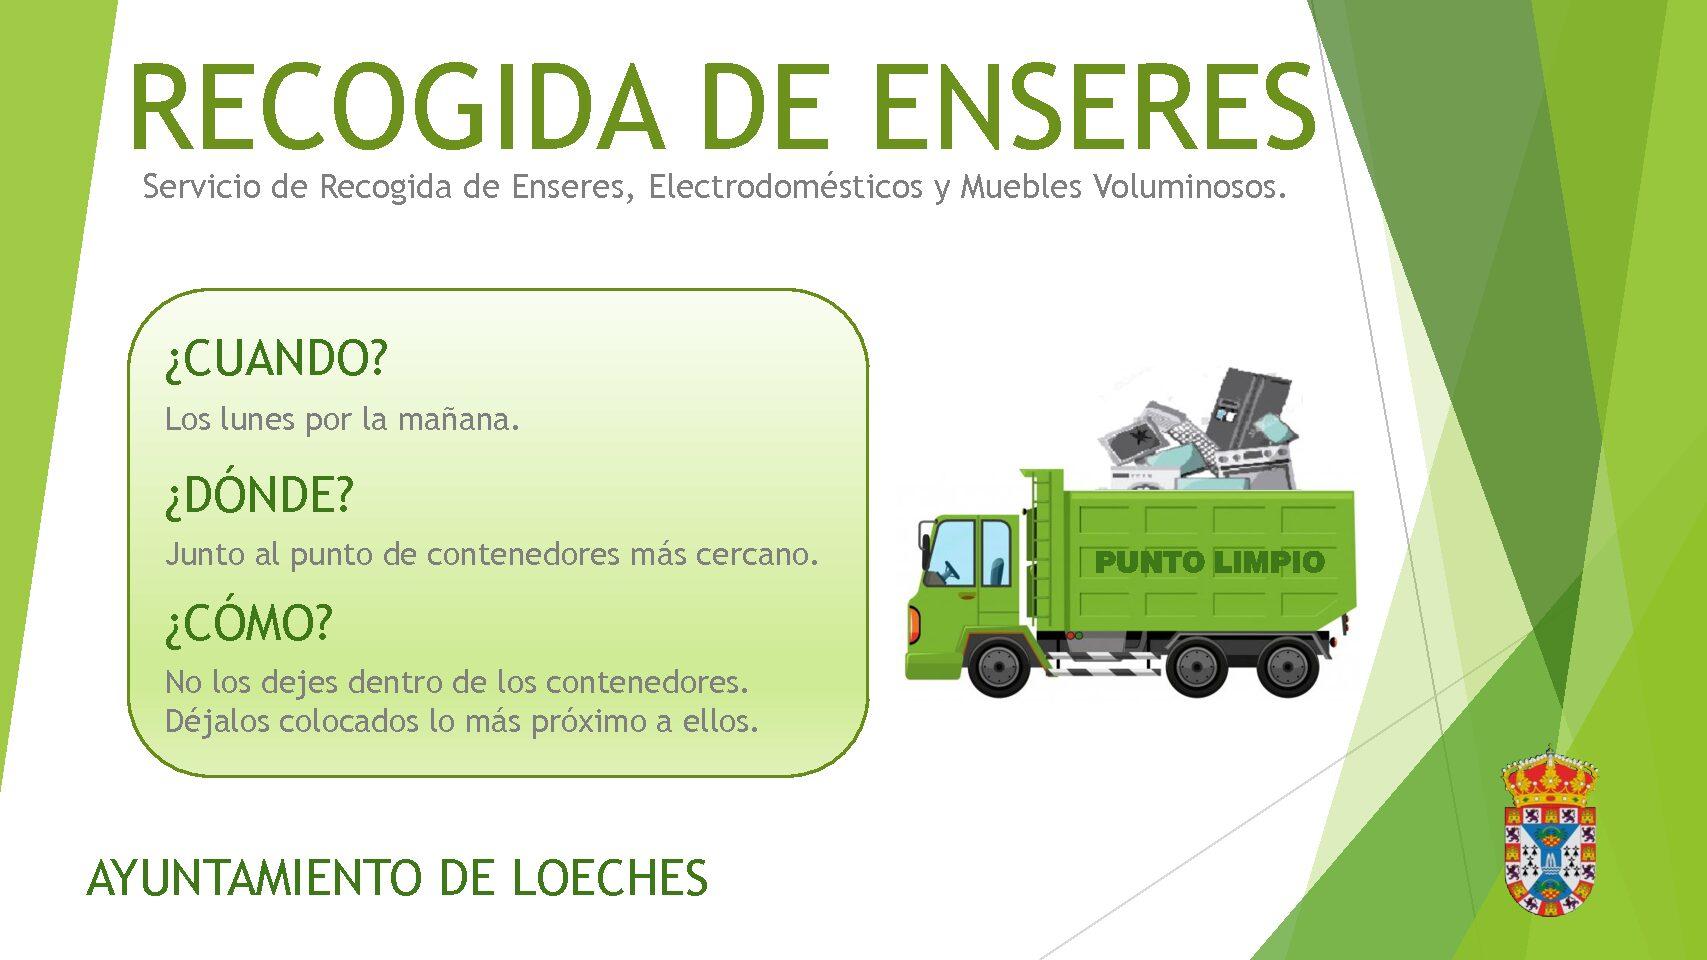 REC_ENSERES_V3-pdf